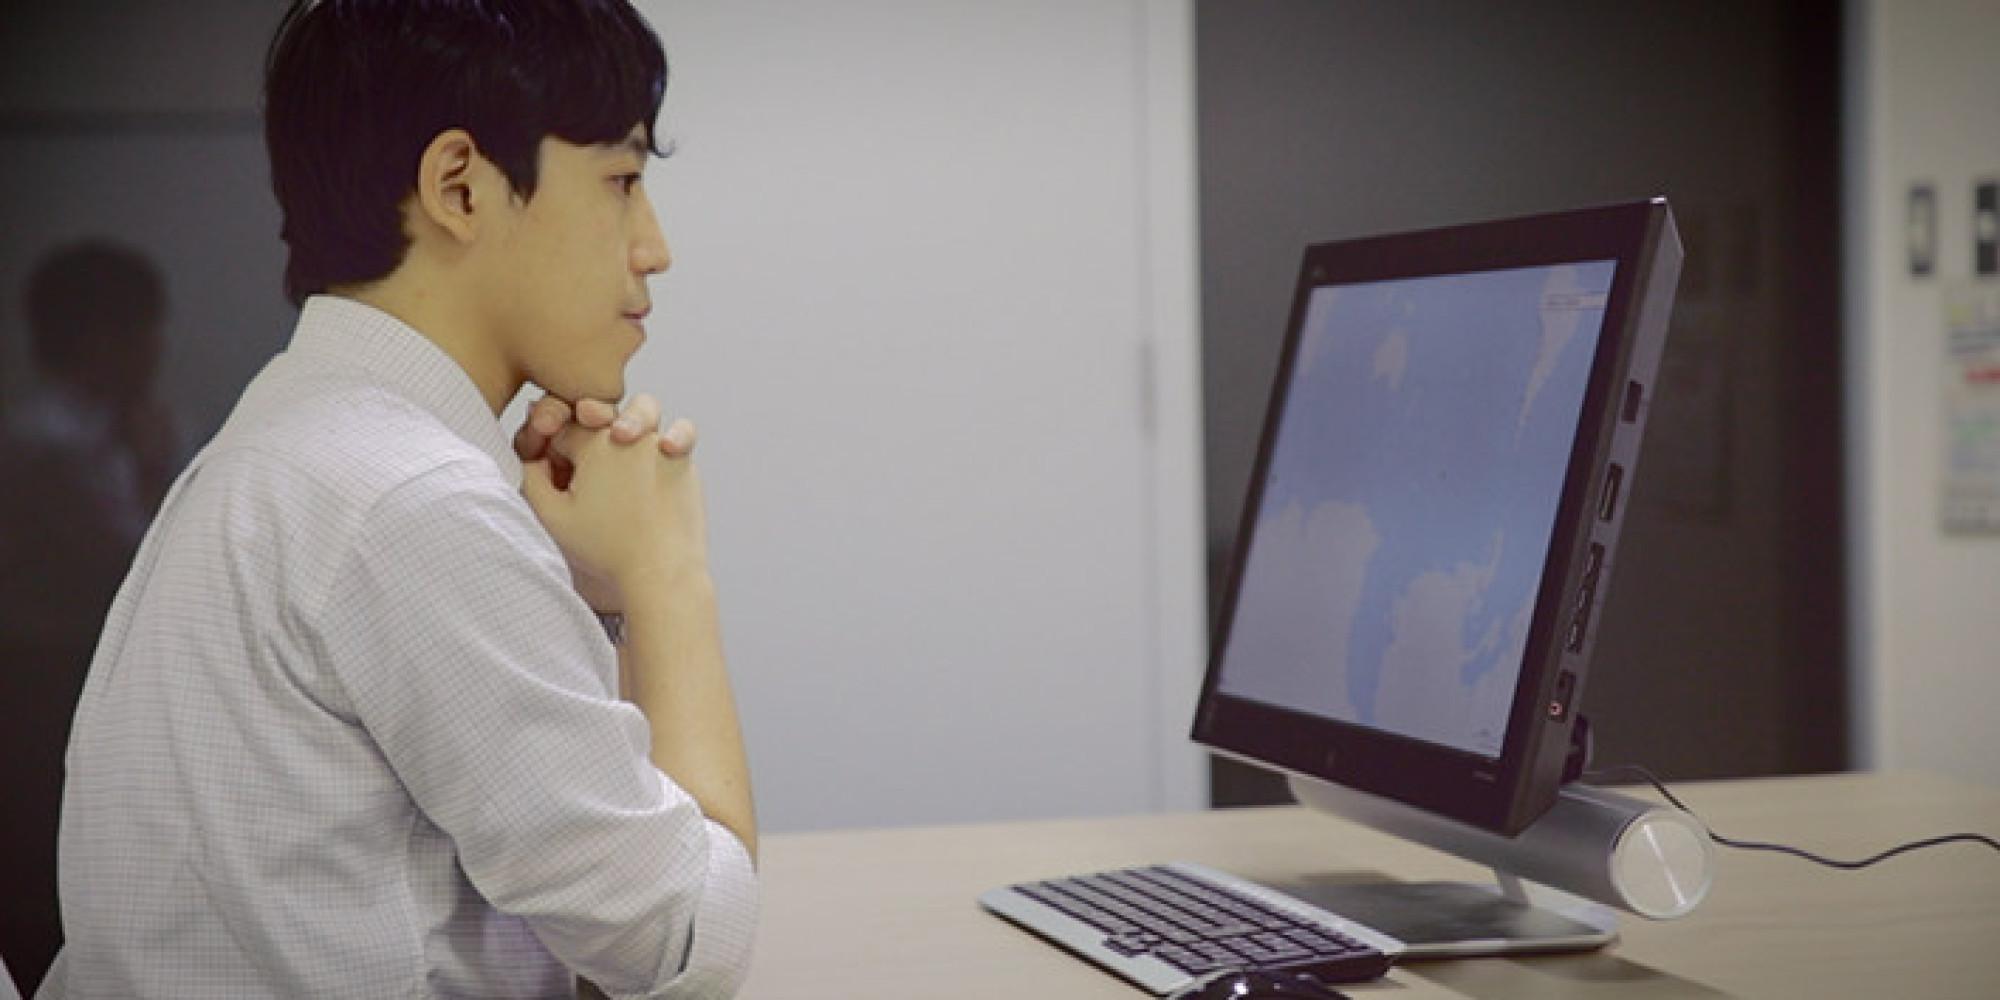 視線の動きから人の興味や行動を予測する技術で広がる「ビジネスの可能性」 | FUJITSU JOURNAL (富士通ジャーナル)